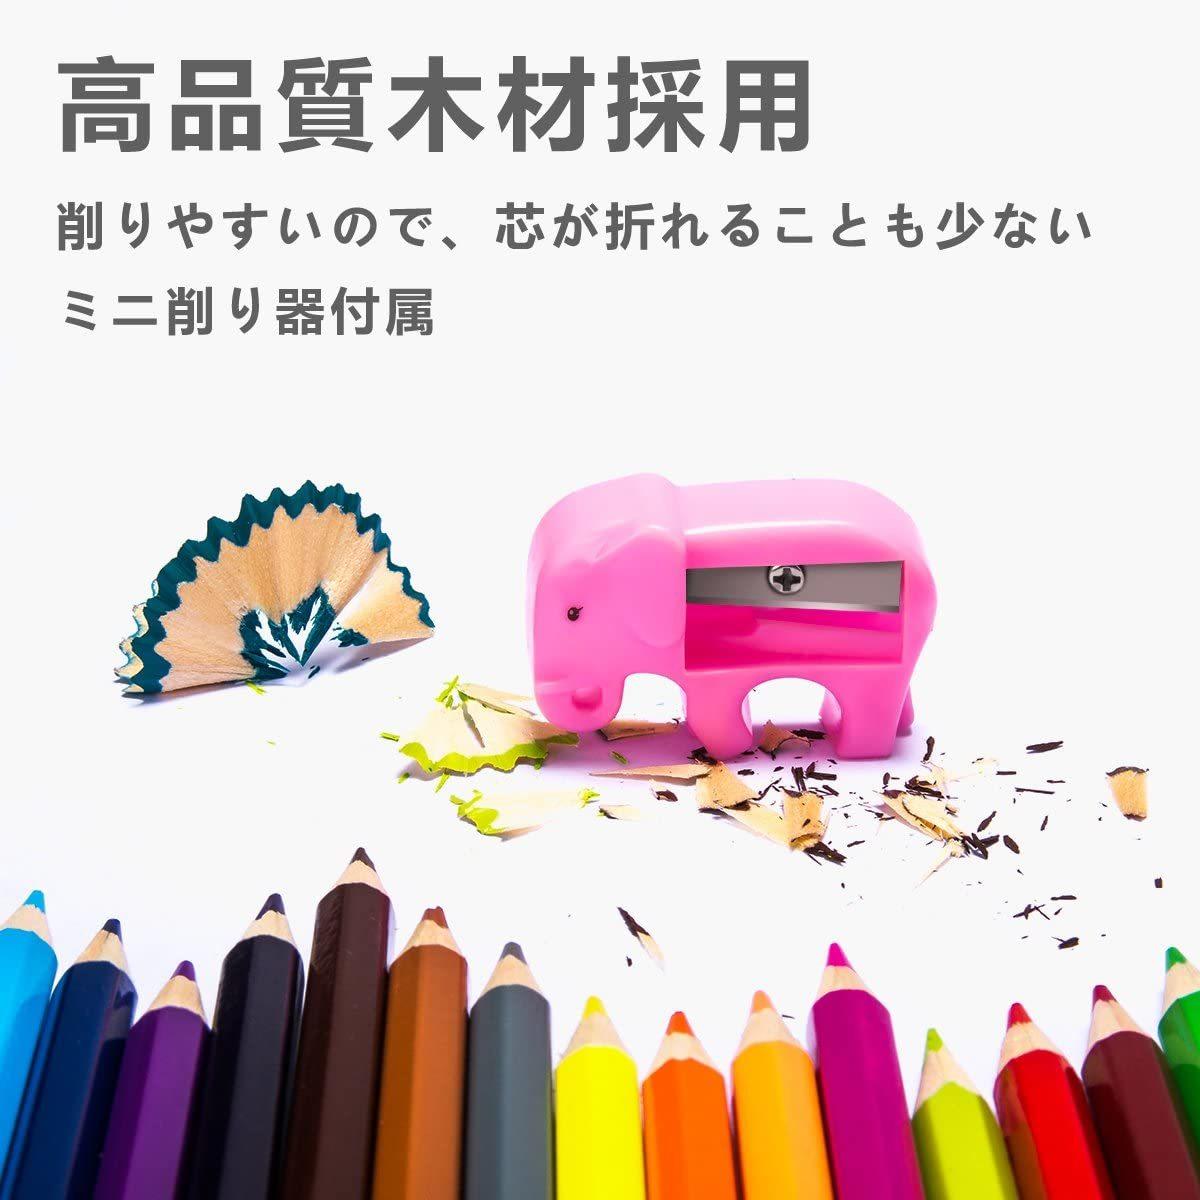 MEGICOT 色鉛筆 72色 油性色鉛筆 塗り絵 描き用 収納ケース付き 鉛筆削り付き 携帯便利_画像8